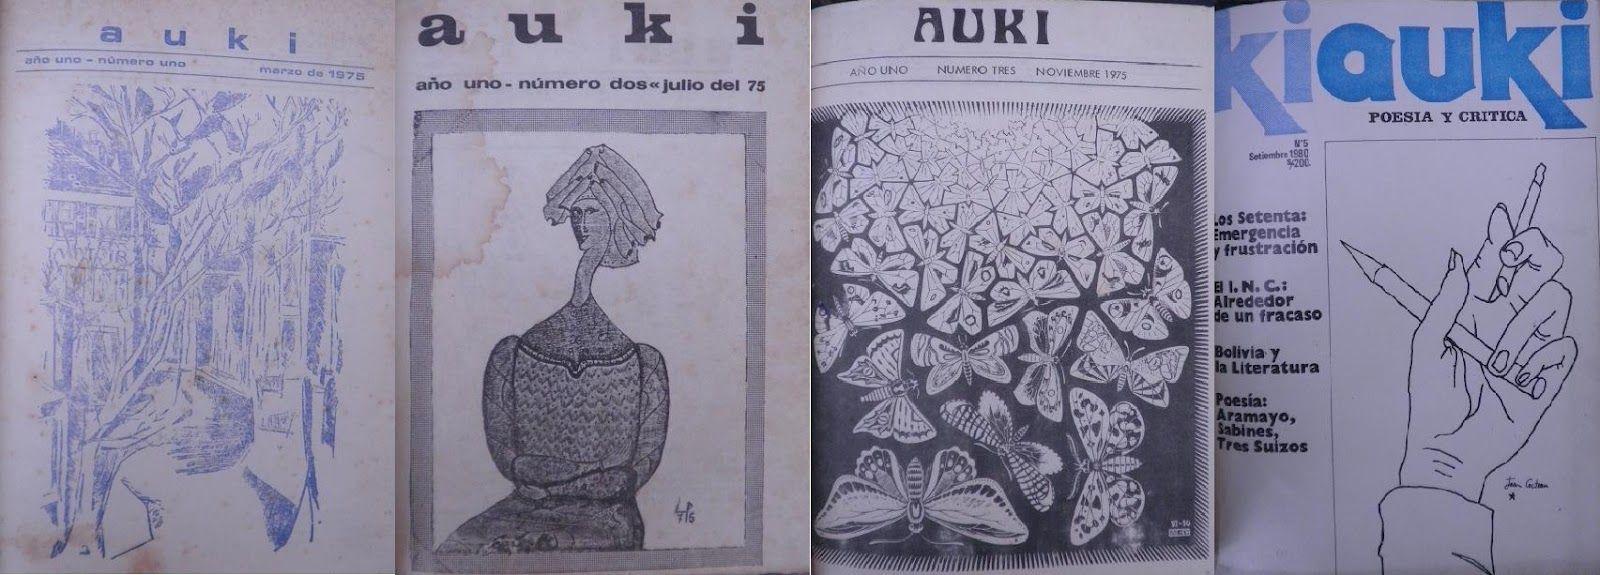 revista auki n1,2,3 y 5